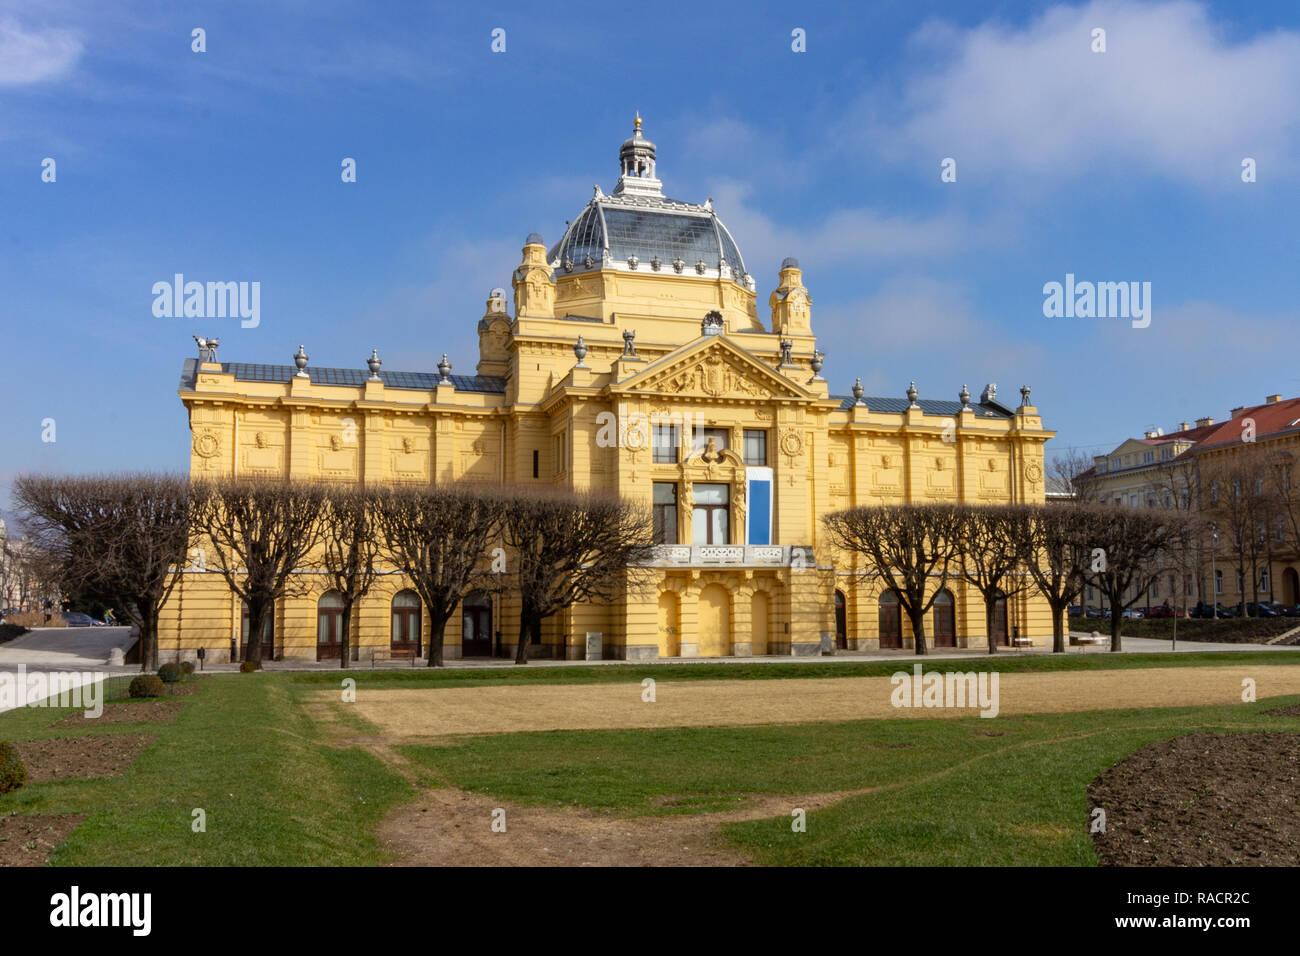 The Umjetnicki Paviljon Art Pavilion In Zagreb Croatia Is